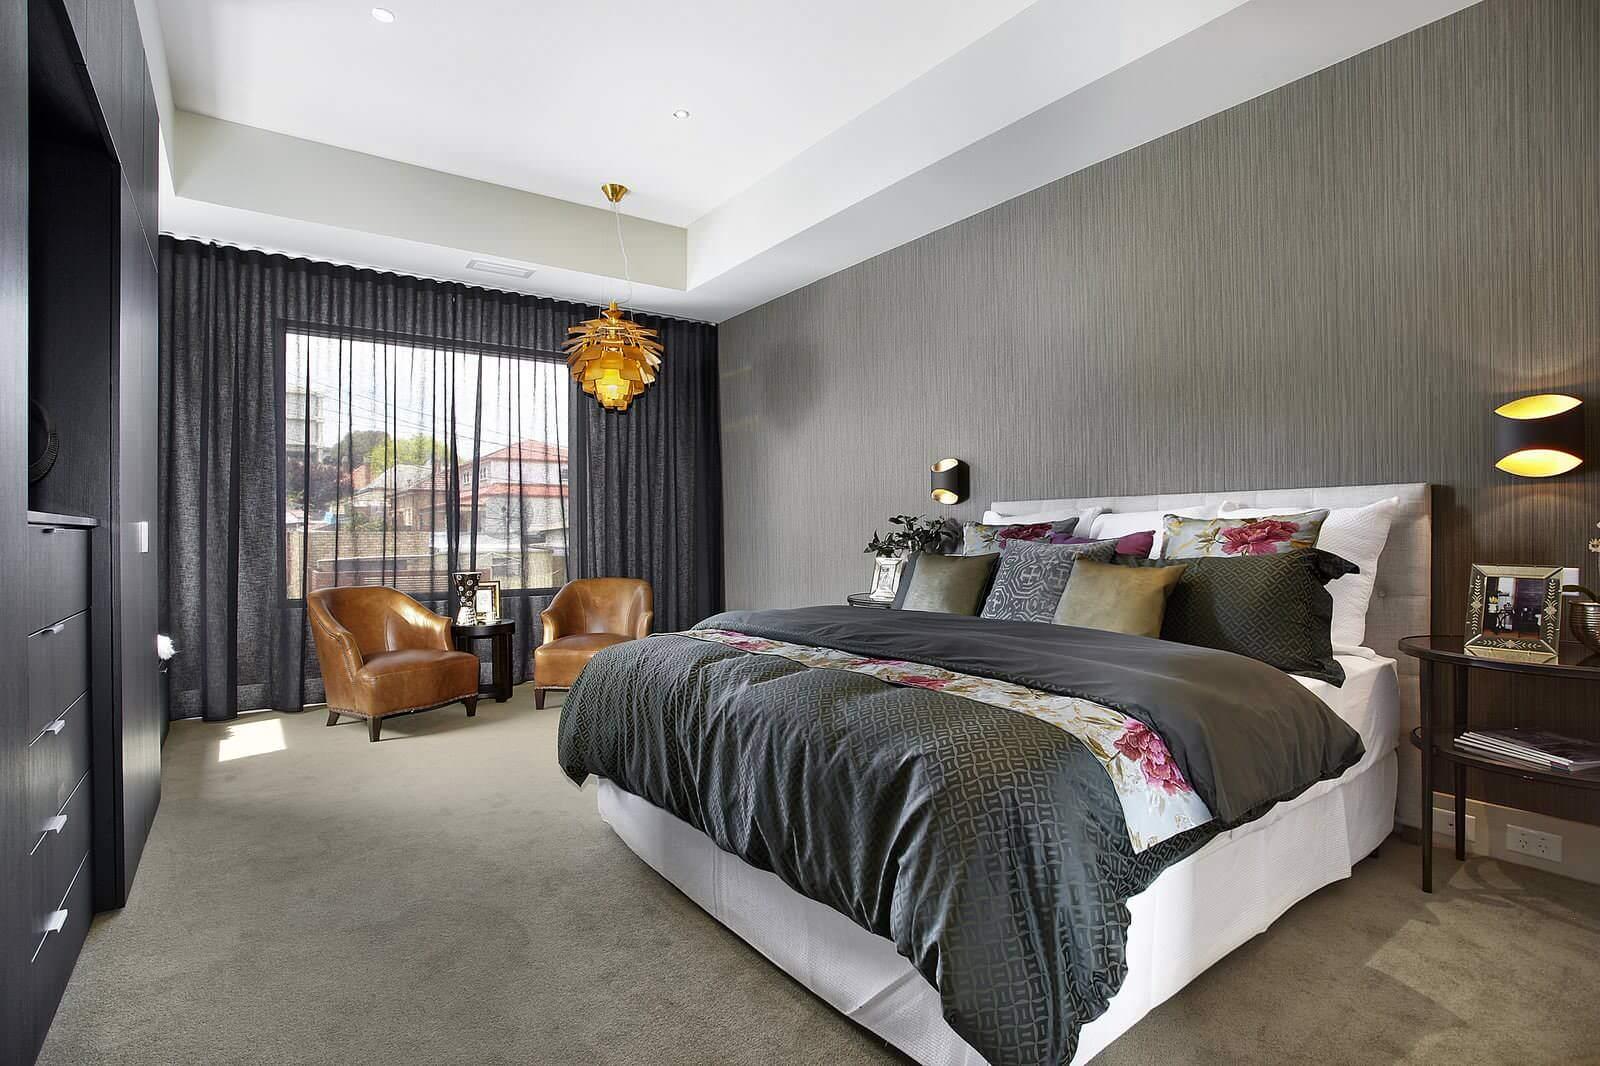 Обои серые для стен: когда стоит применять спокойные или глубокие насыщенные тона сероватого тона в квартире, а когда стоит отказаться от идеи